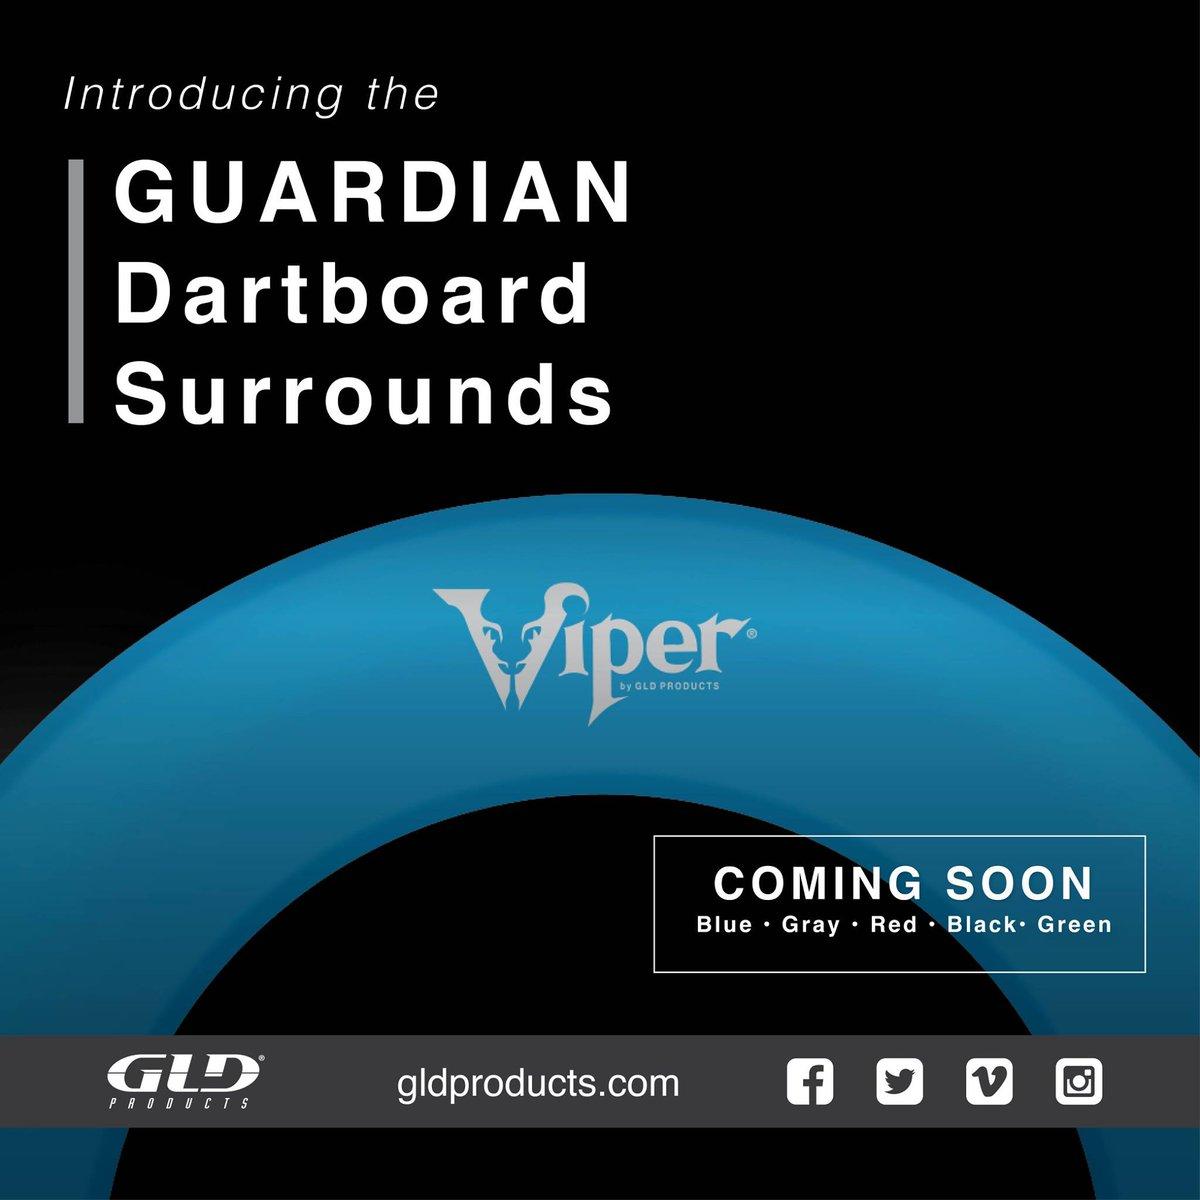 Viper Sure Grip PINK 16 or 18 gm Soft Tip Dart Set-Pink Camouflage Flights-MORE